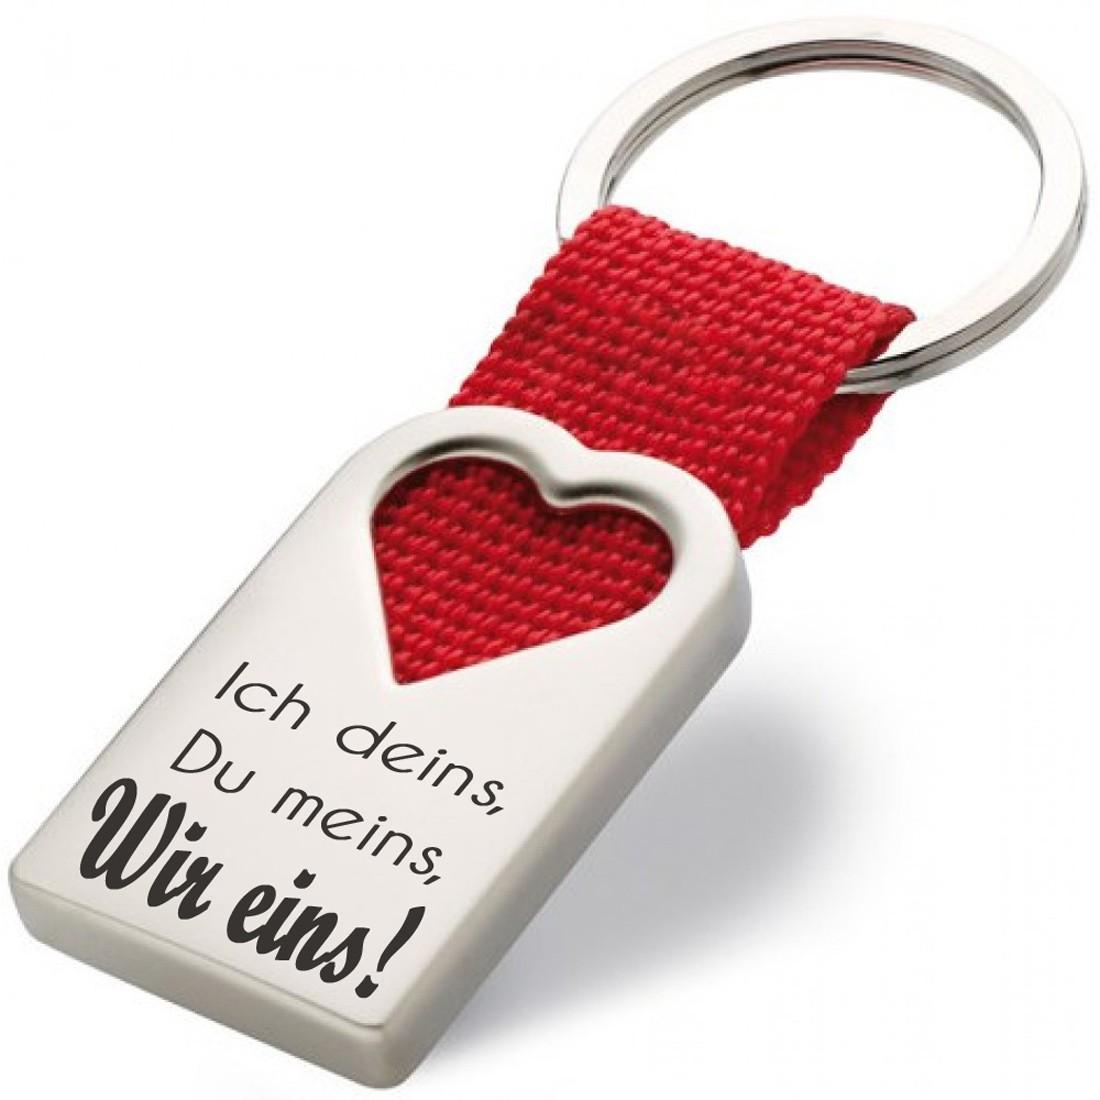 Metall Schlüsselanhänger Modell: Ich deins, Du meins, Wir eins